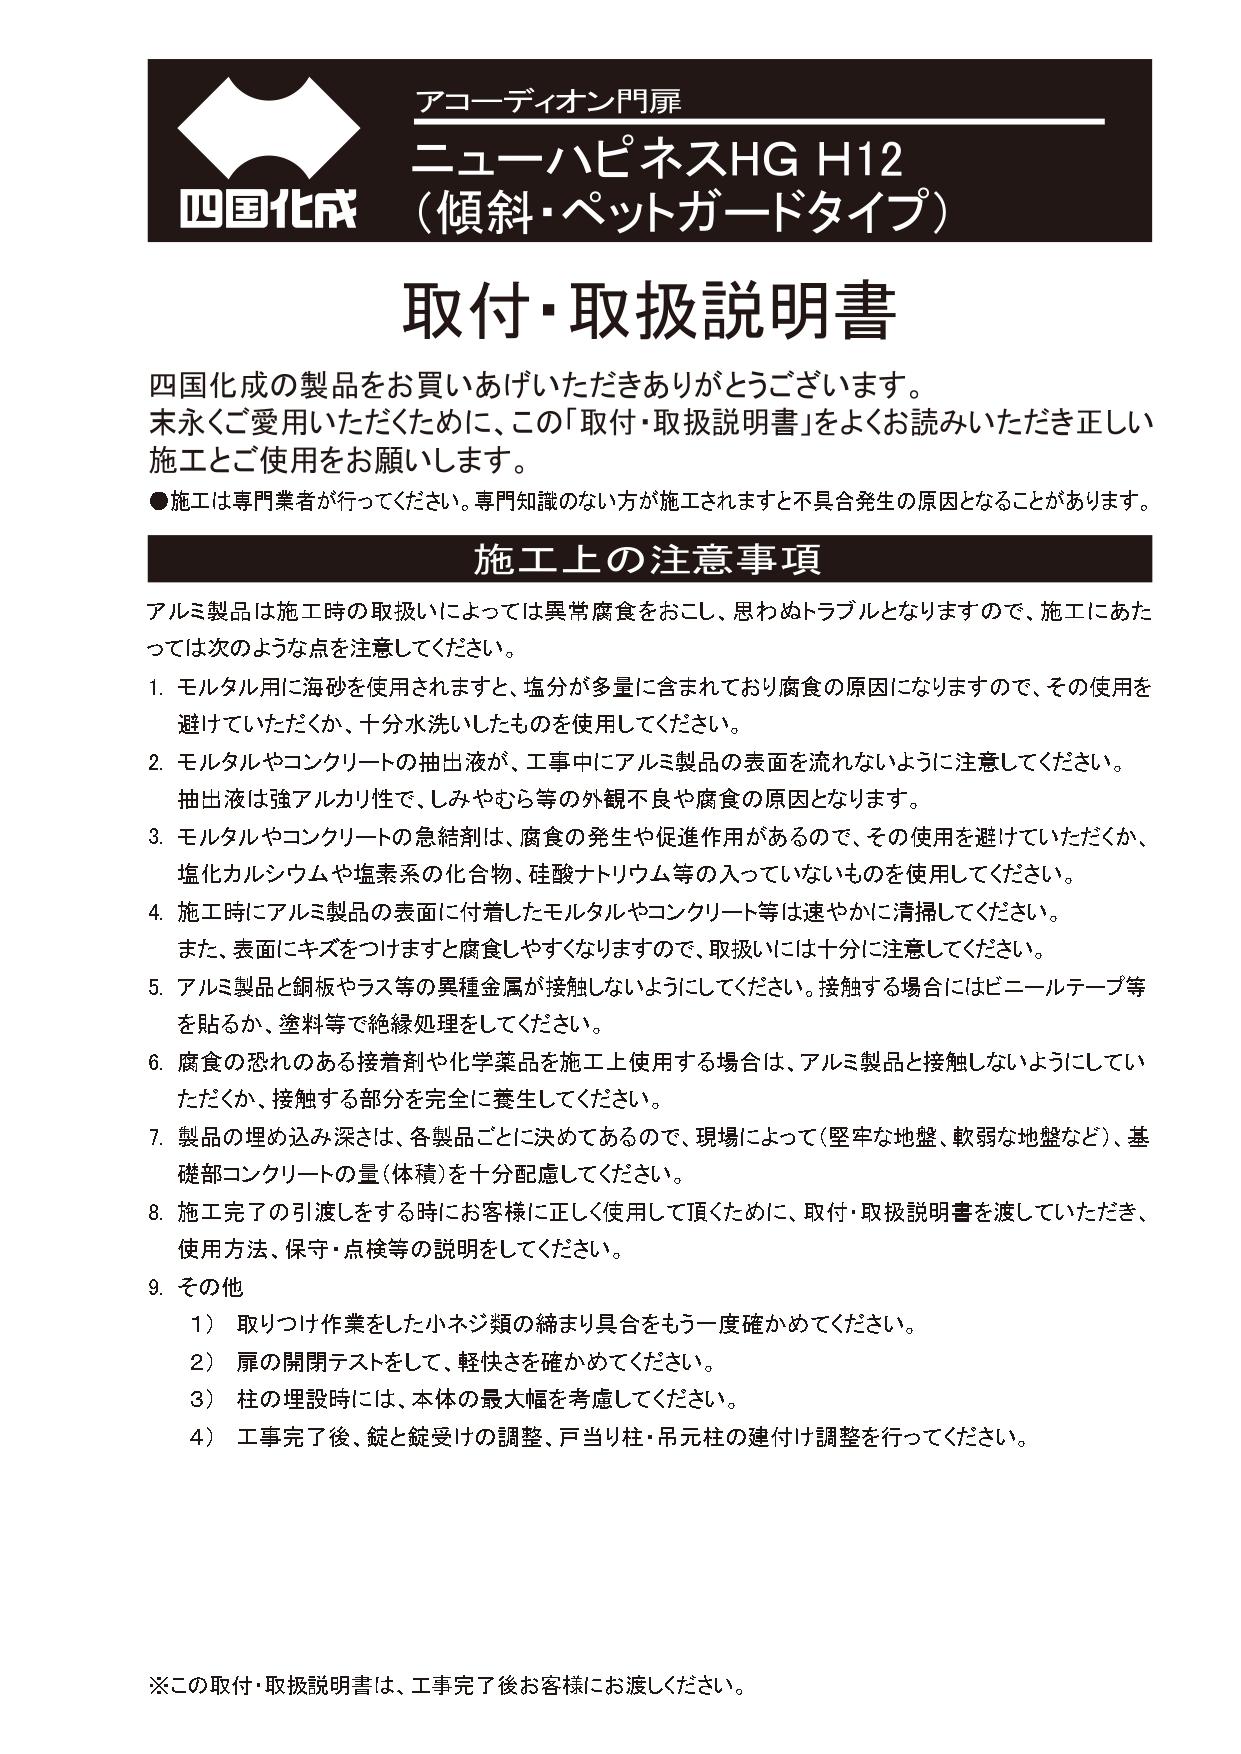 ニューハピネスHG 傾斜・ペットガードタイプ 施工説明書_page-0001